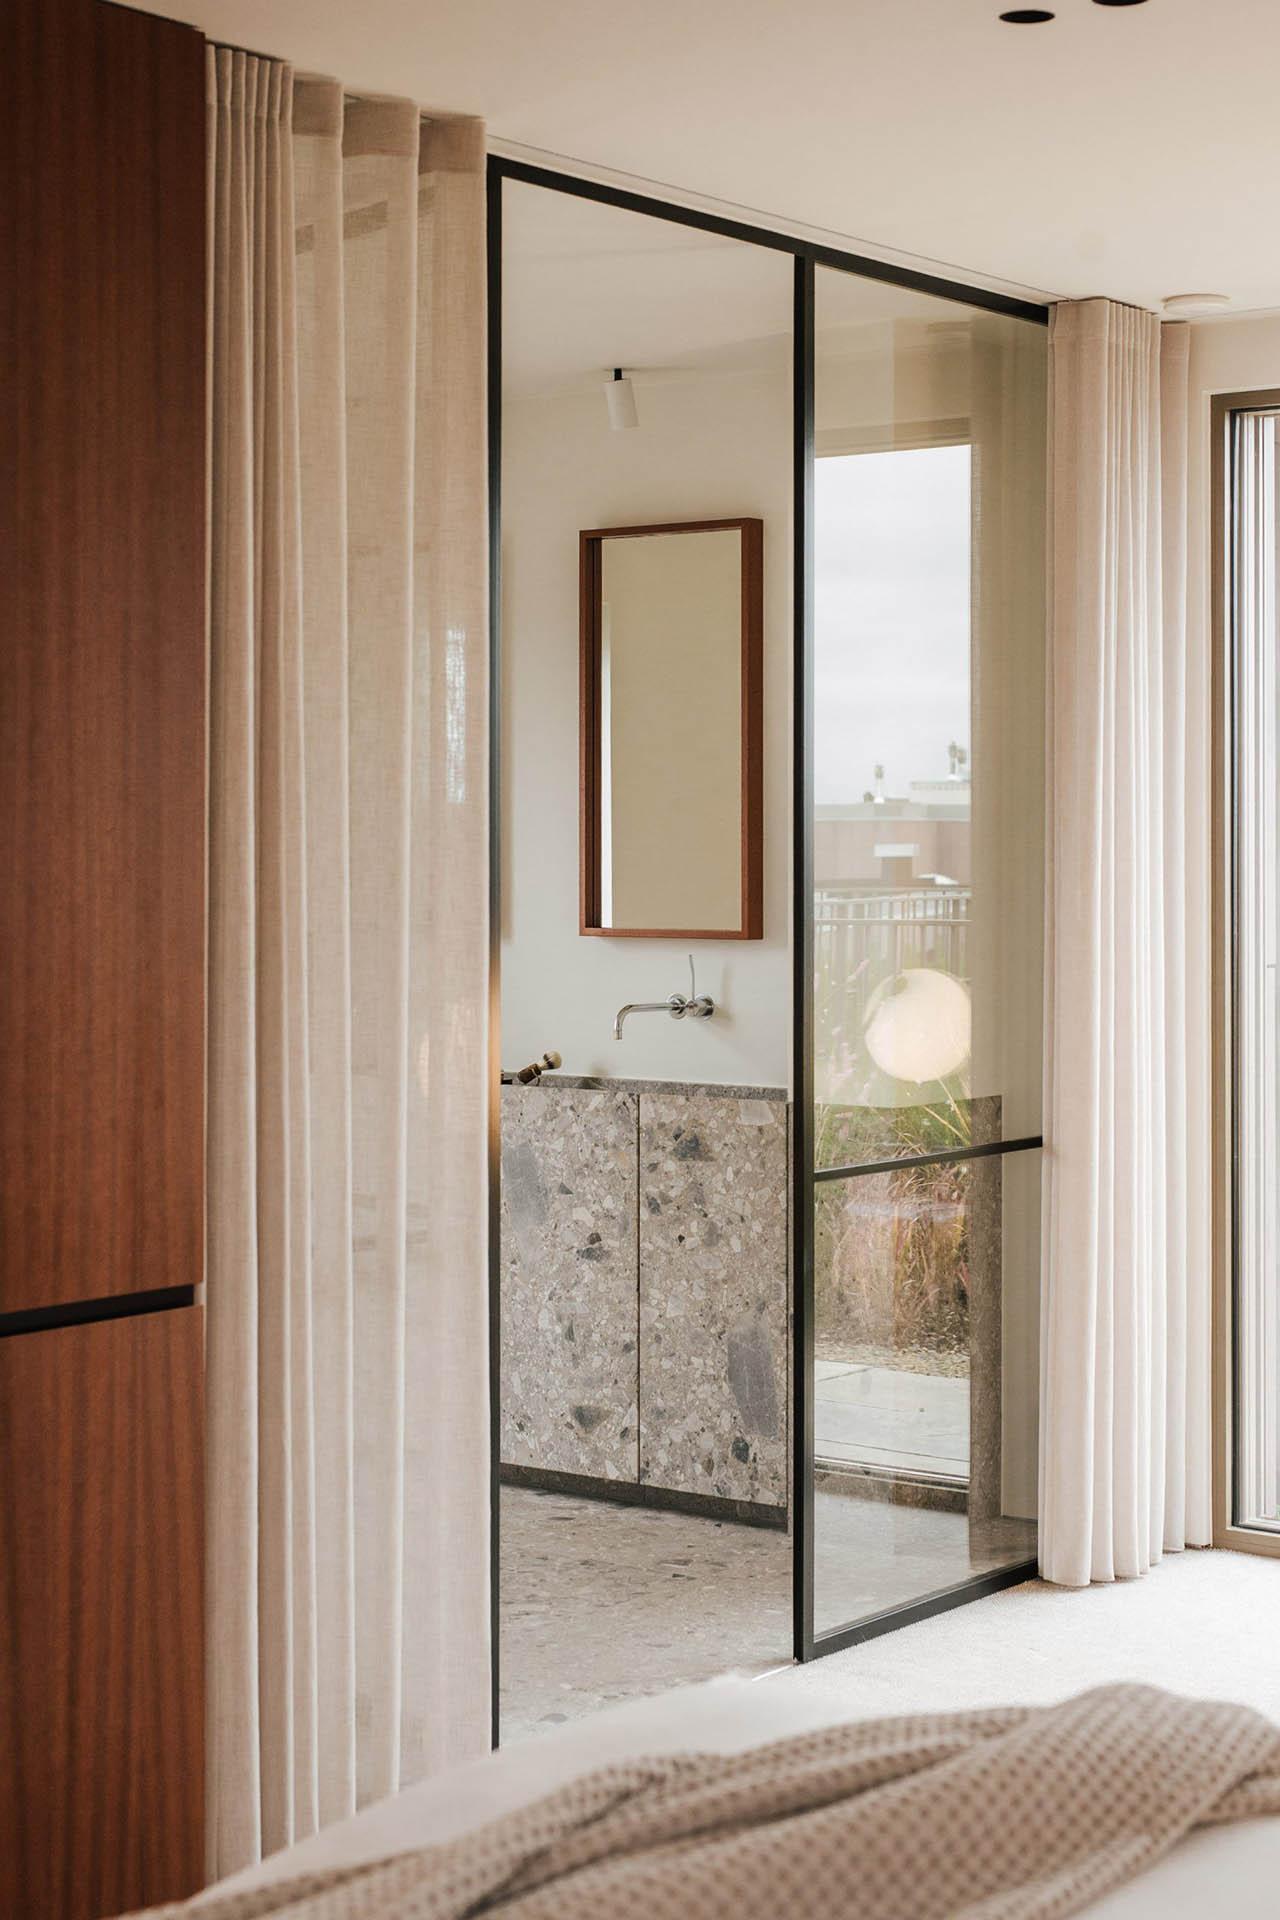 belgian-penthouse-ad-jo-studio_dezeen_3